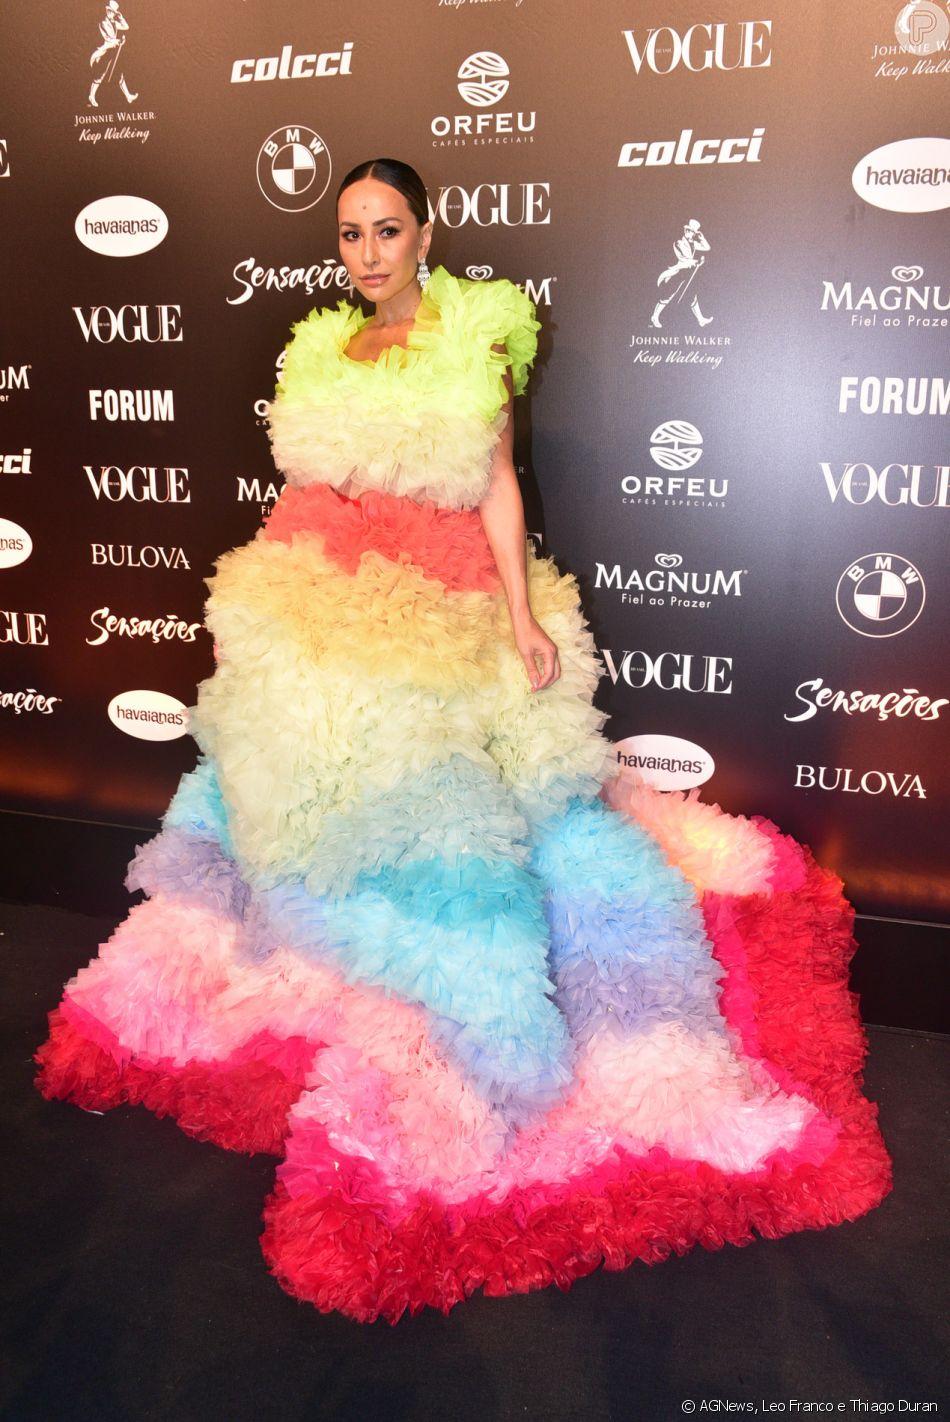 Sabrina Sato ousou com um vestido de 7 quilos do estilista japonês Tomo Koizumi